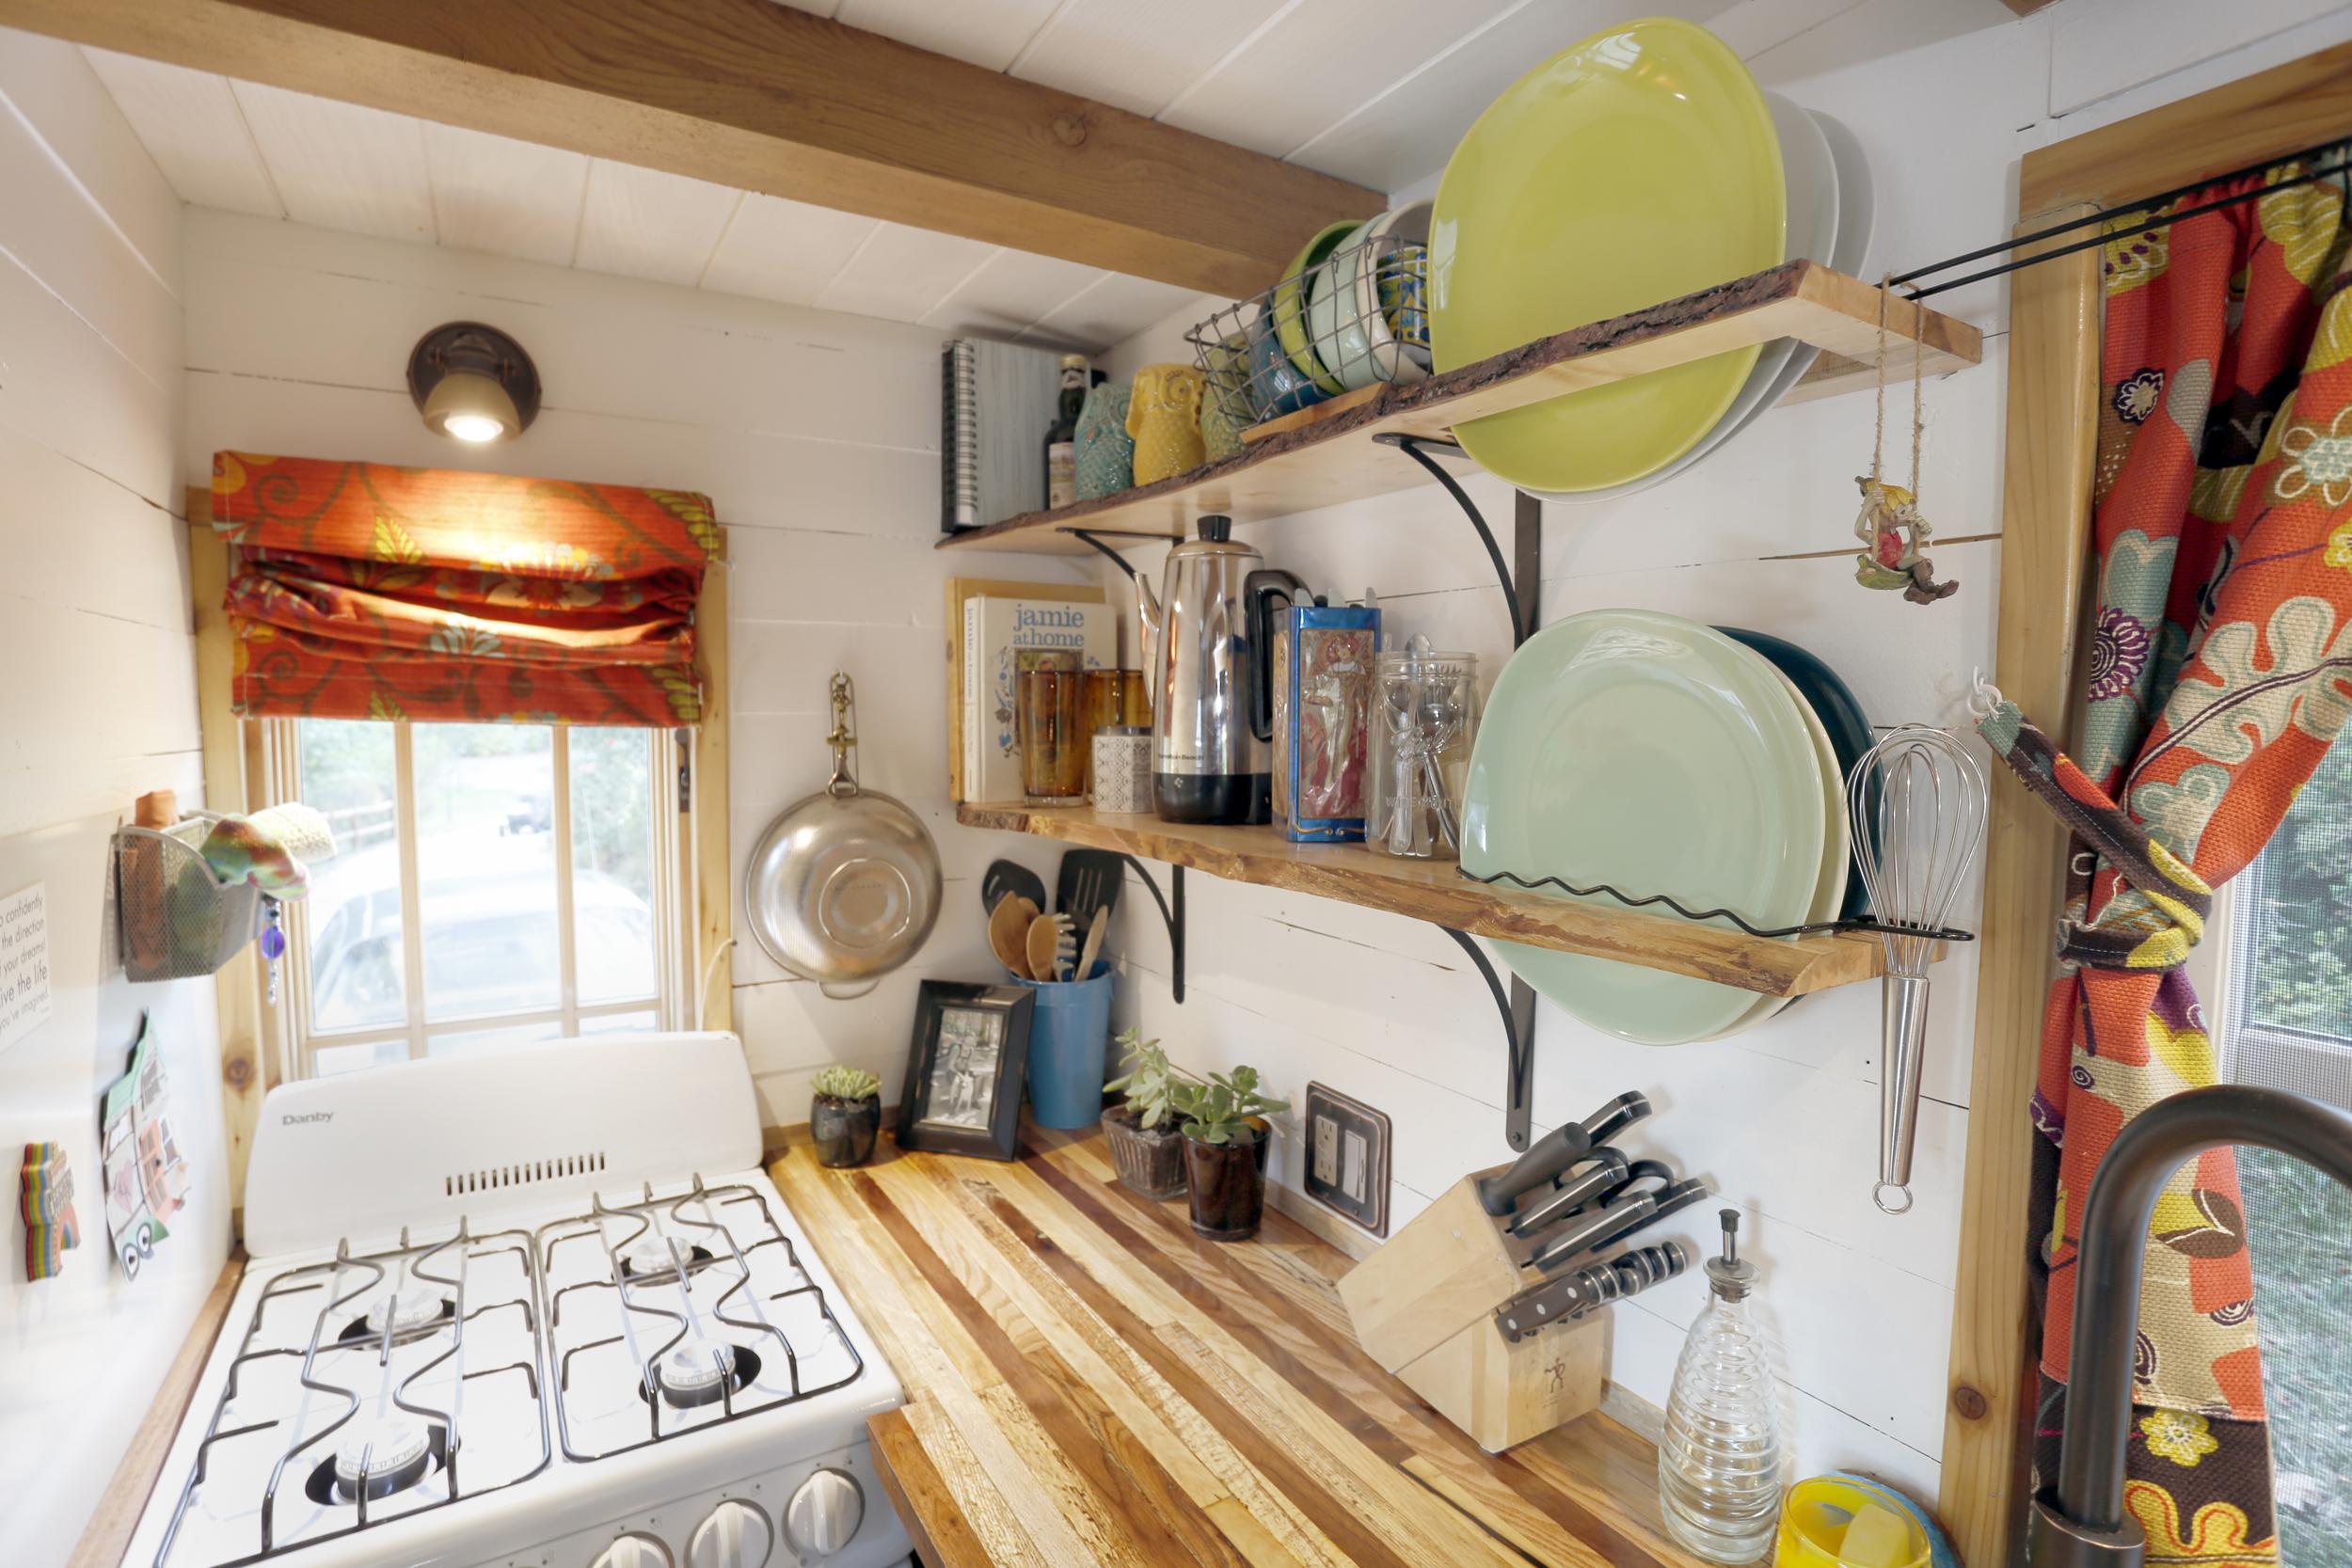 kitchen_stove_2.jpg